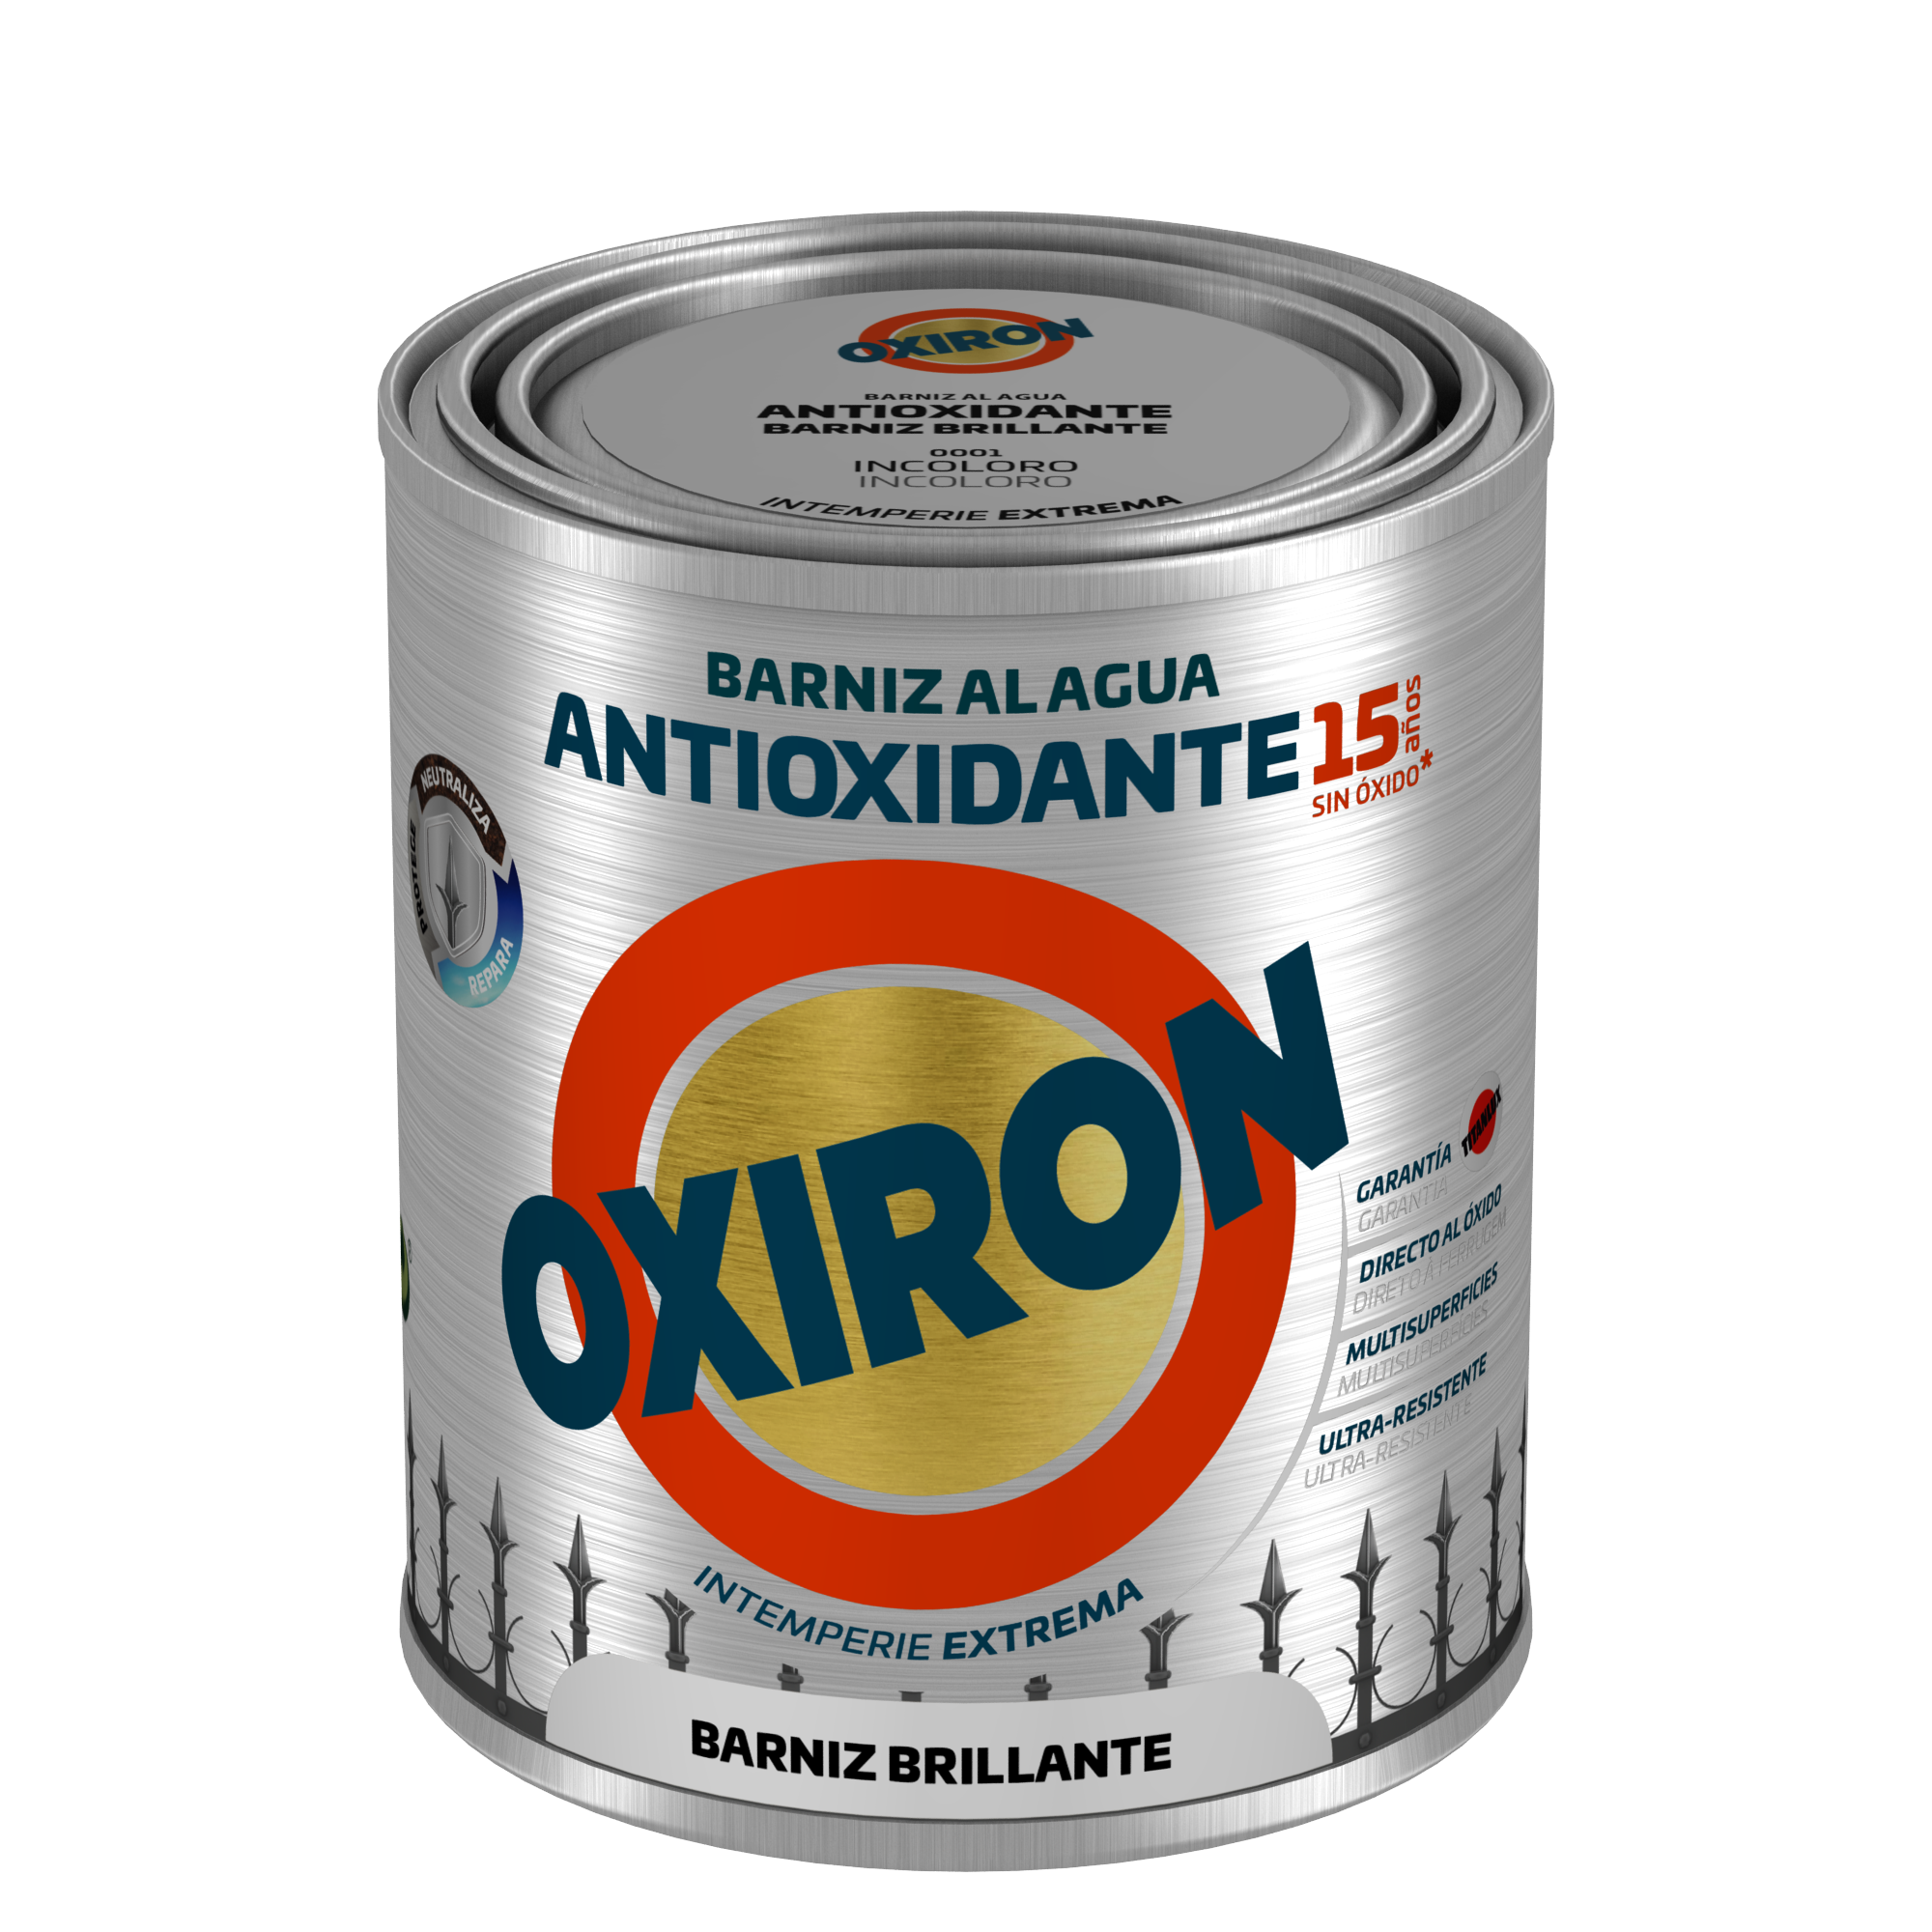 OXIRÓN BARNIZ ANTIOXIDANTE BRILLANTE.